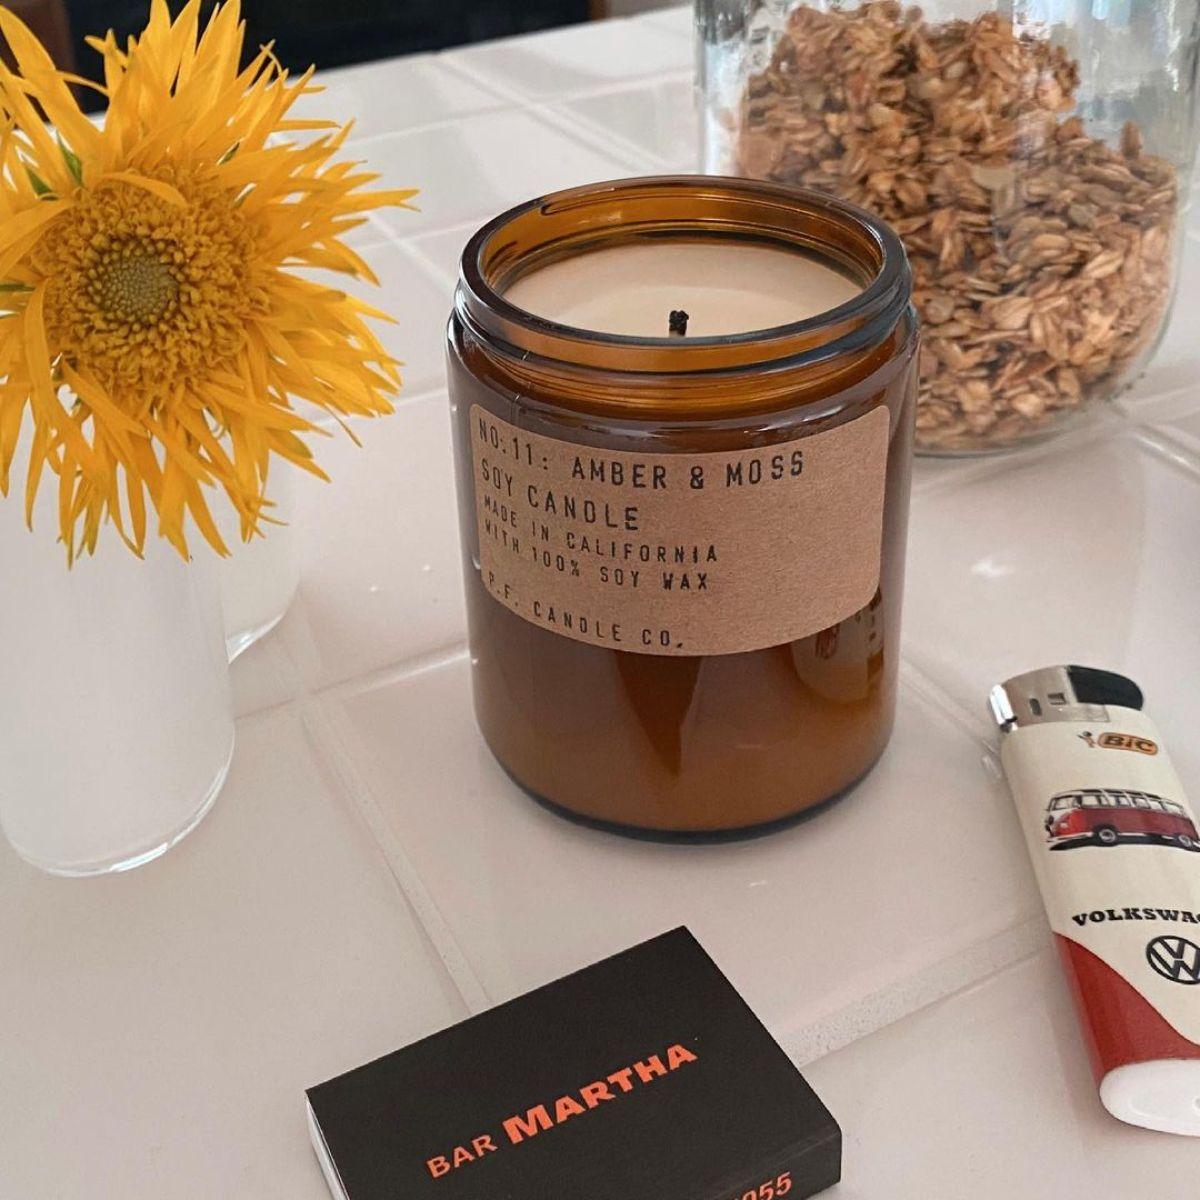 リラックスタイムにはナチュラルな香りが必要じゃない?「P.F.Candle Co.」のソイキャンドルで自分を労わって